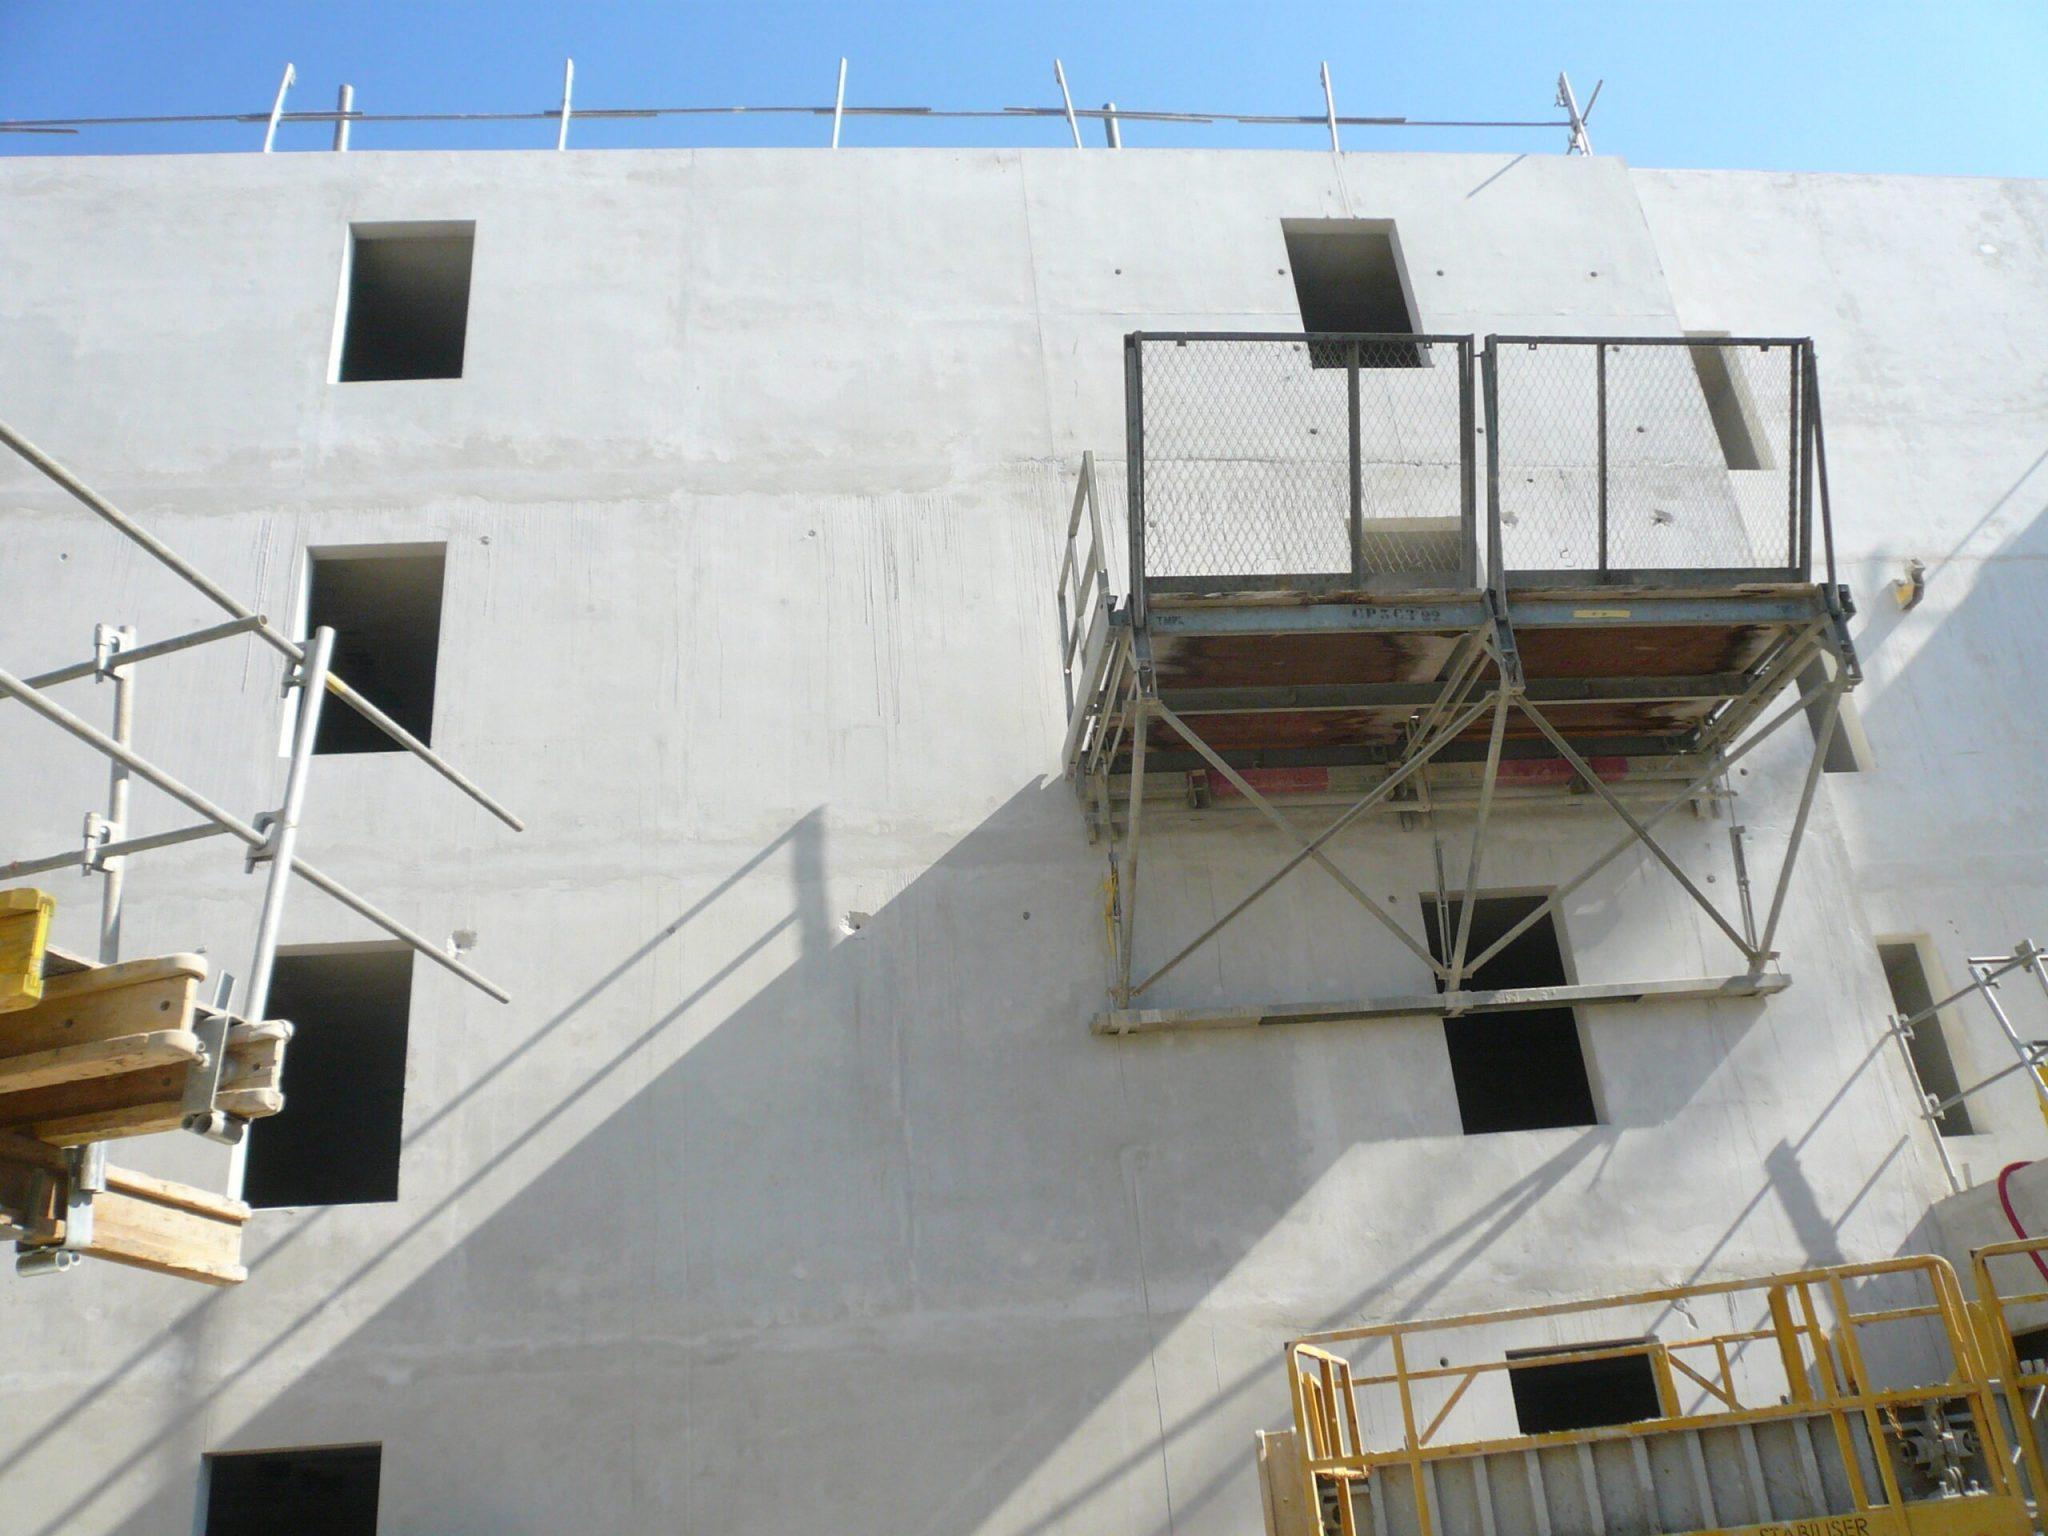 Chantier de East Village sur ST Jean de Vedas réalisé en mars 2021